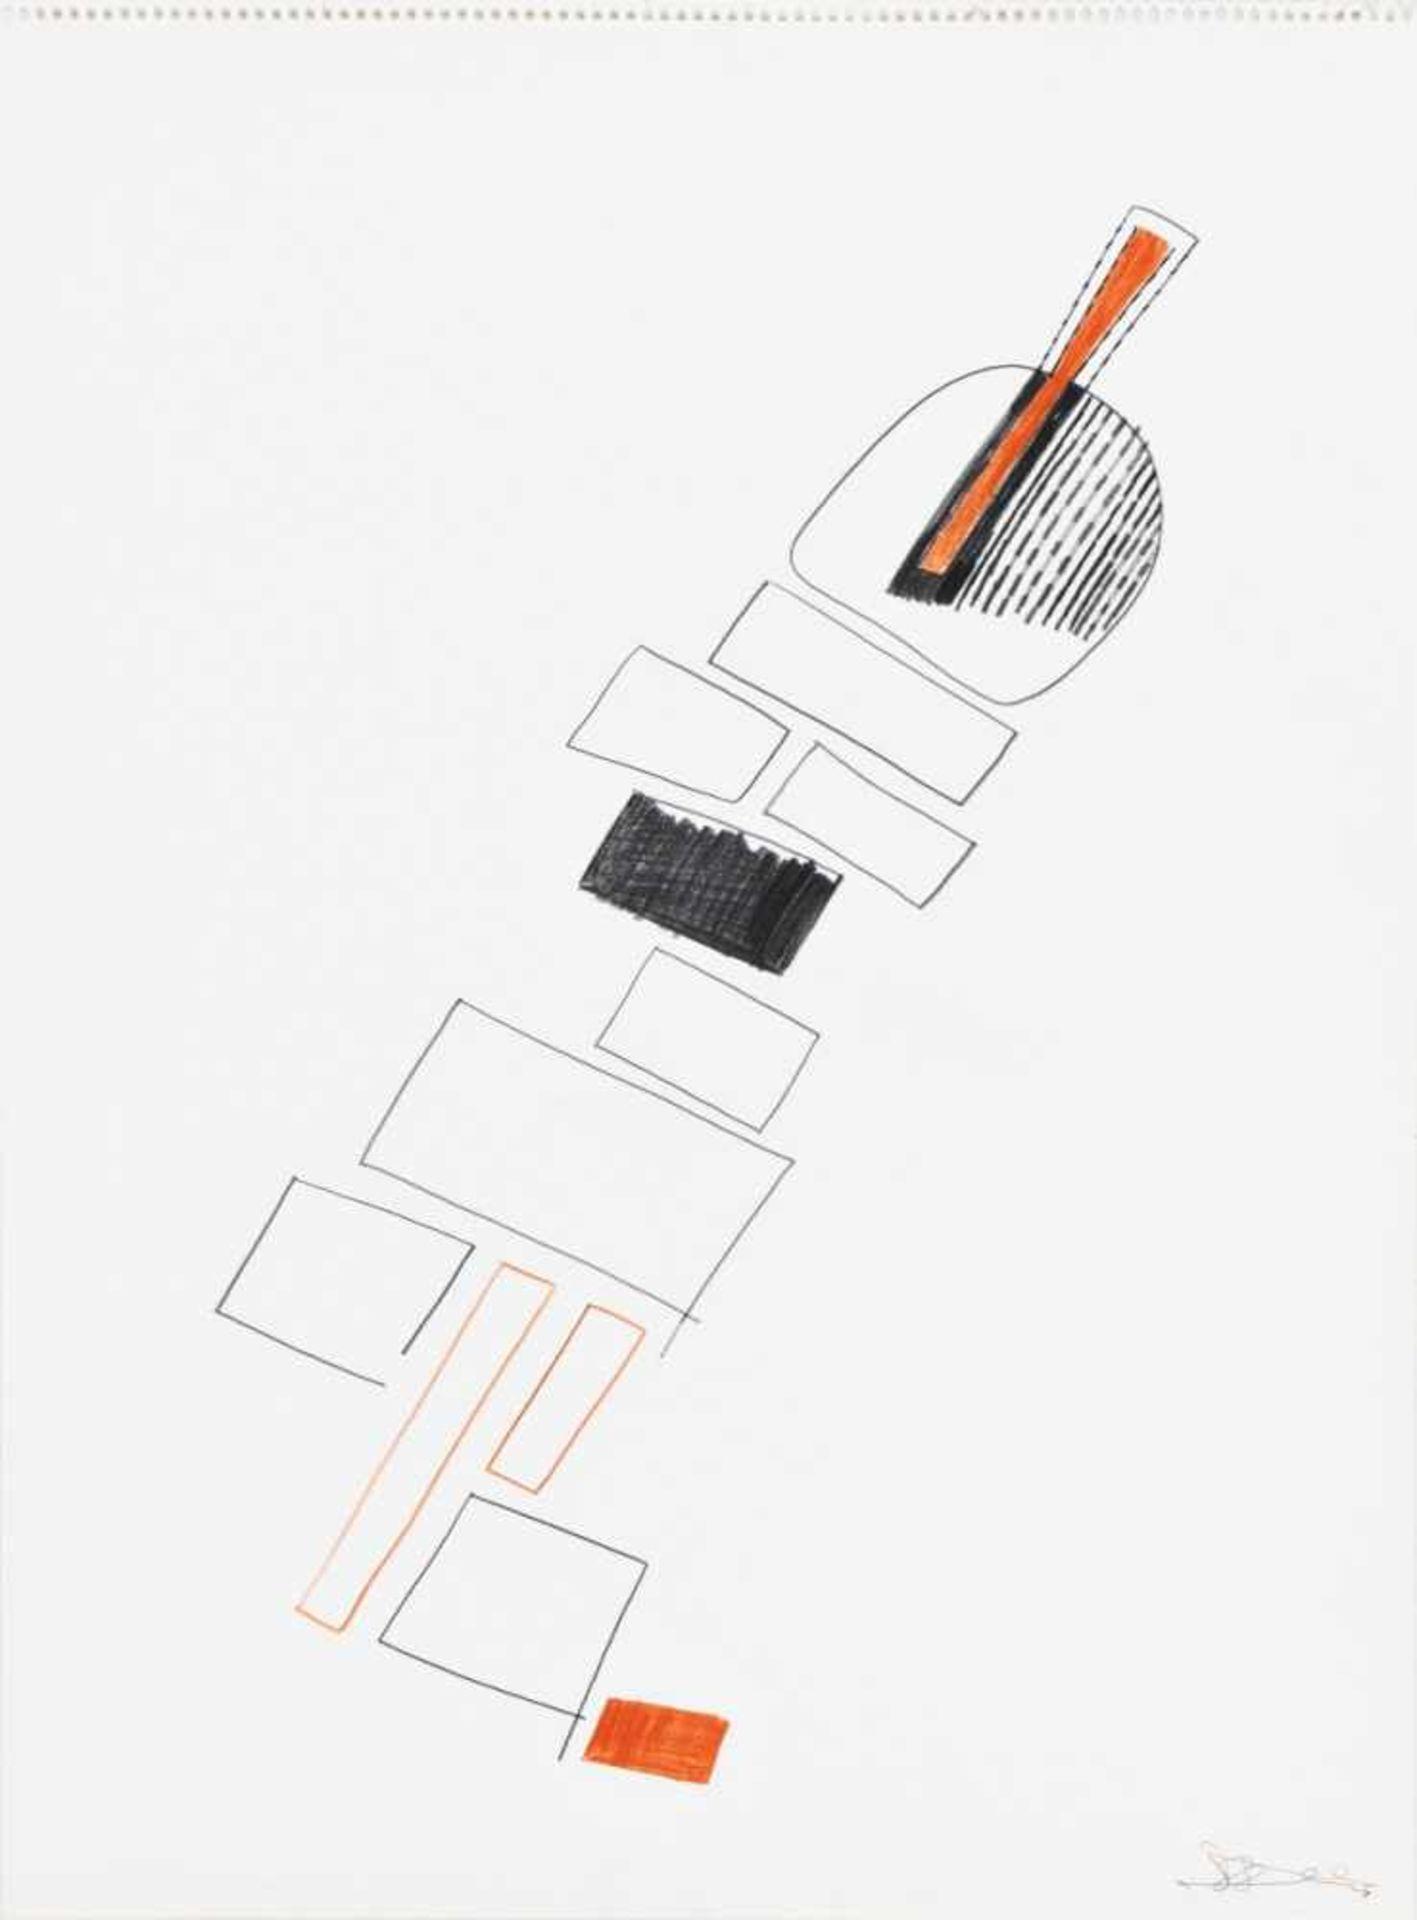 Los 13 - OSWALD OBERHUBER(1931 MERAN)Aus: EINE SAMMLUNG, 1988Mappenwerk 4/10 in zehn Exemplaren zum Buch (der